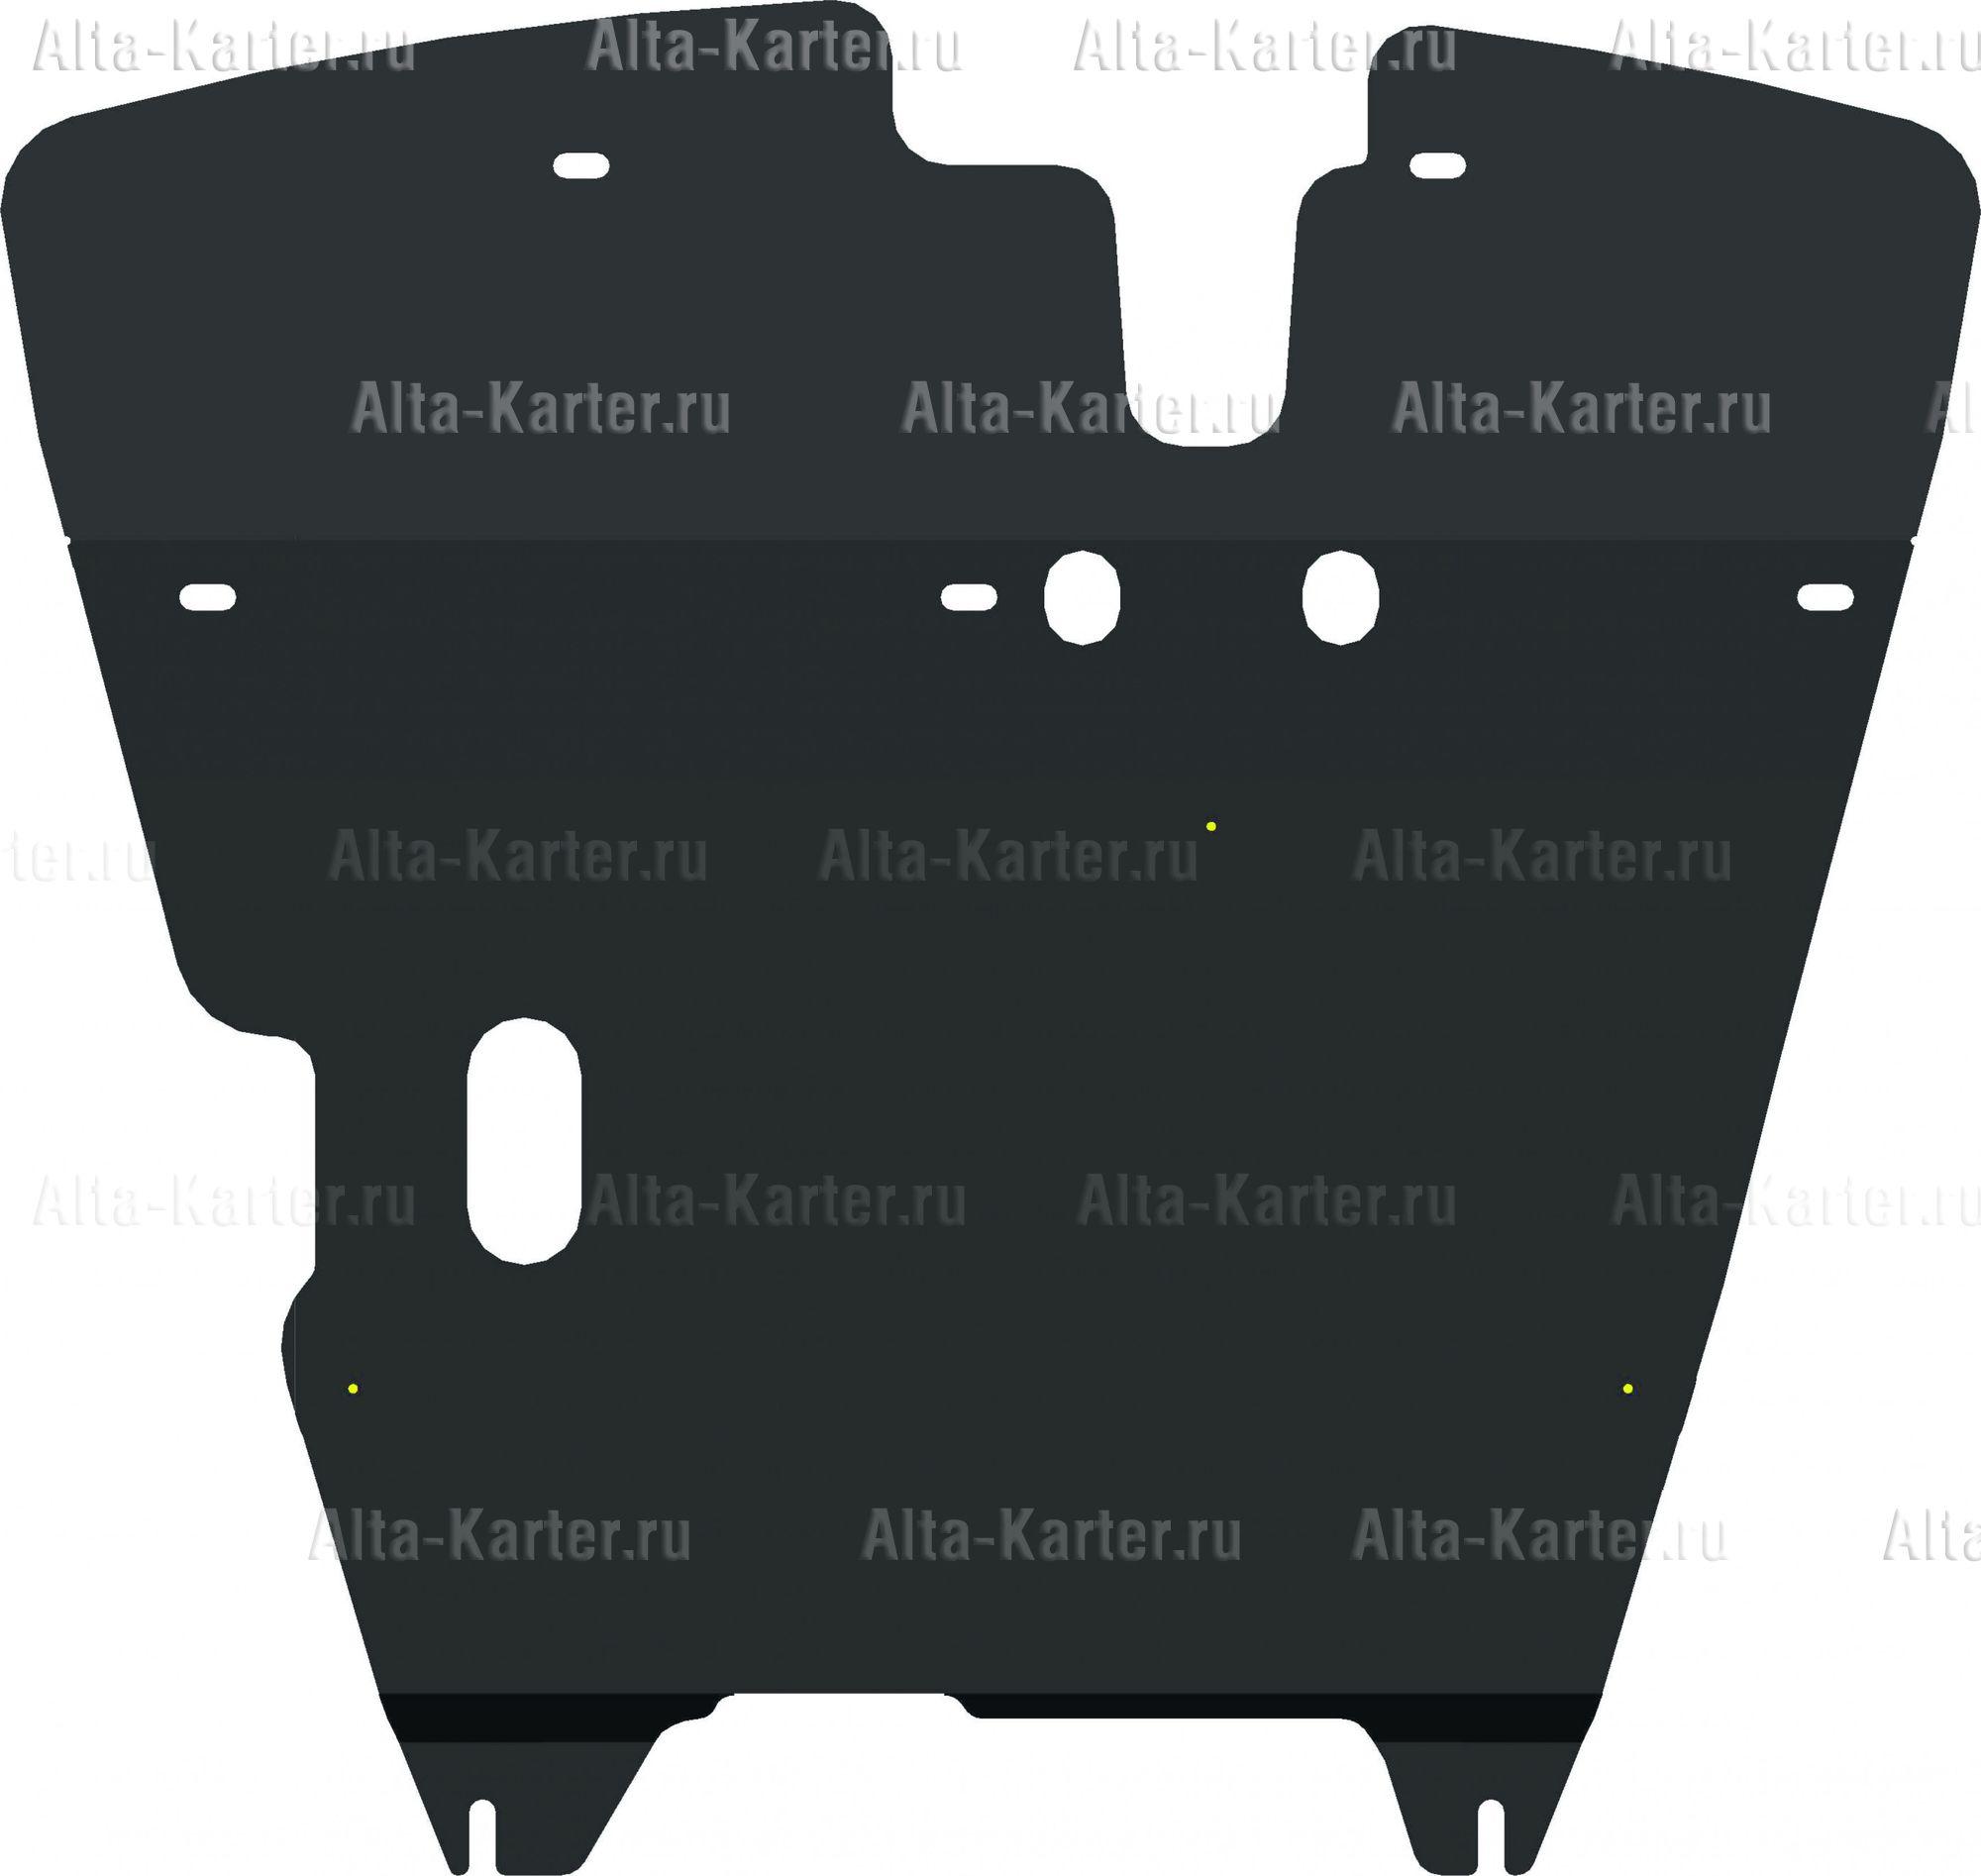 Защита Alfeco для картера и КПП Mitsubishi Lancer 8 1996-2000. Артикул ALF.14.24